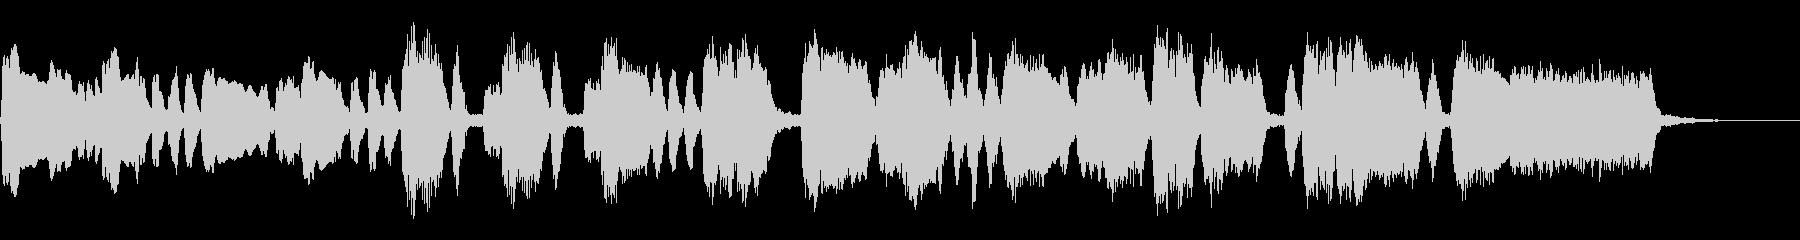 シンプルなオープニングファンファーレの未再生の波形